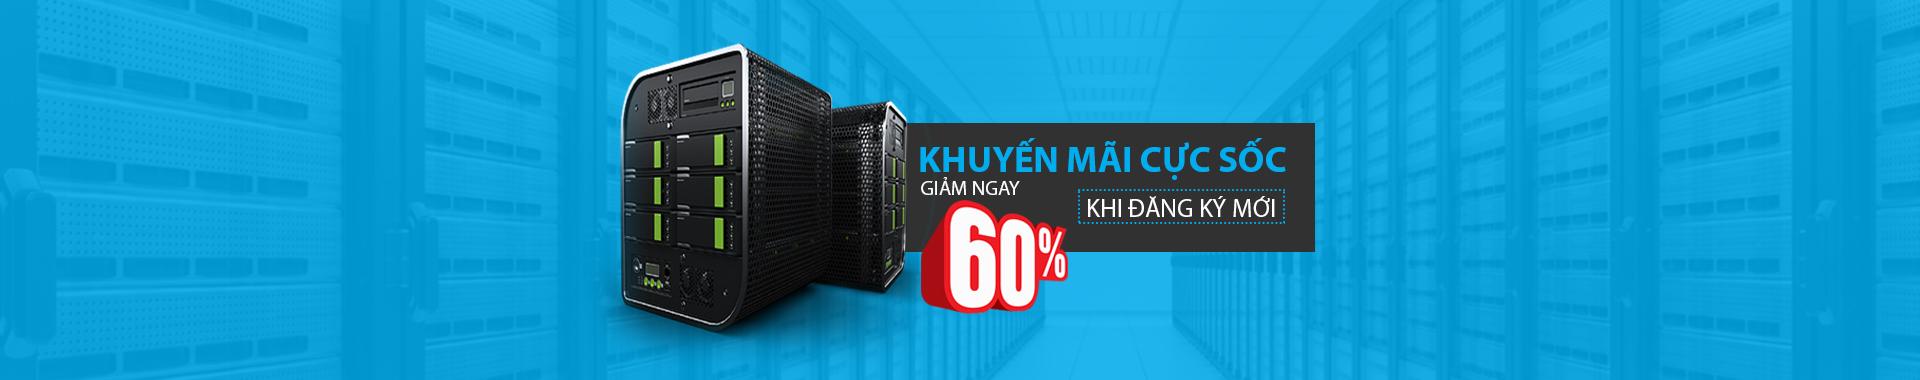 khuyen-mai-hosting-he-2016-homepage